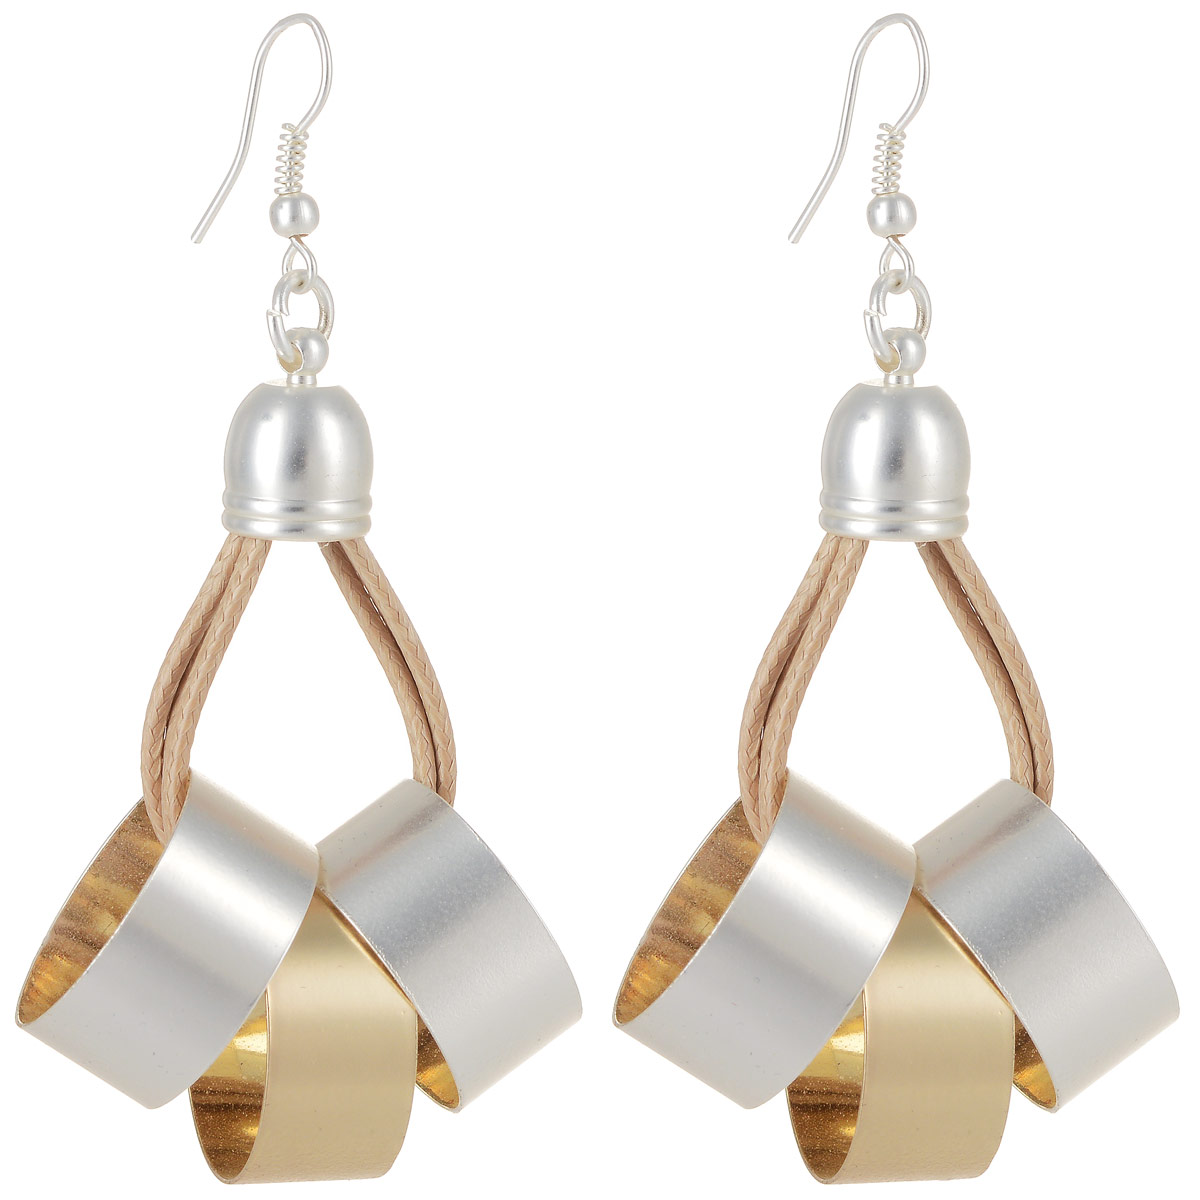 Серьги Art-Silver, цвет: золотой, серебристый. СРГ5007-1-340Серьги с подвескамиСтильные серьги Art-Silver выполнены из латуни с гальваническим покрытием. Серьги оформлены оригинальными декоративными подвесками. Серьги выполнены с замком-петлей. Такие серьги будут ярким дополнением вашего образа.